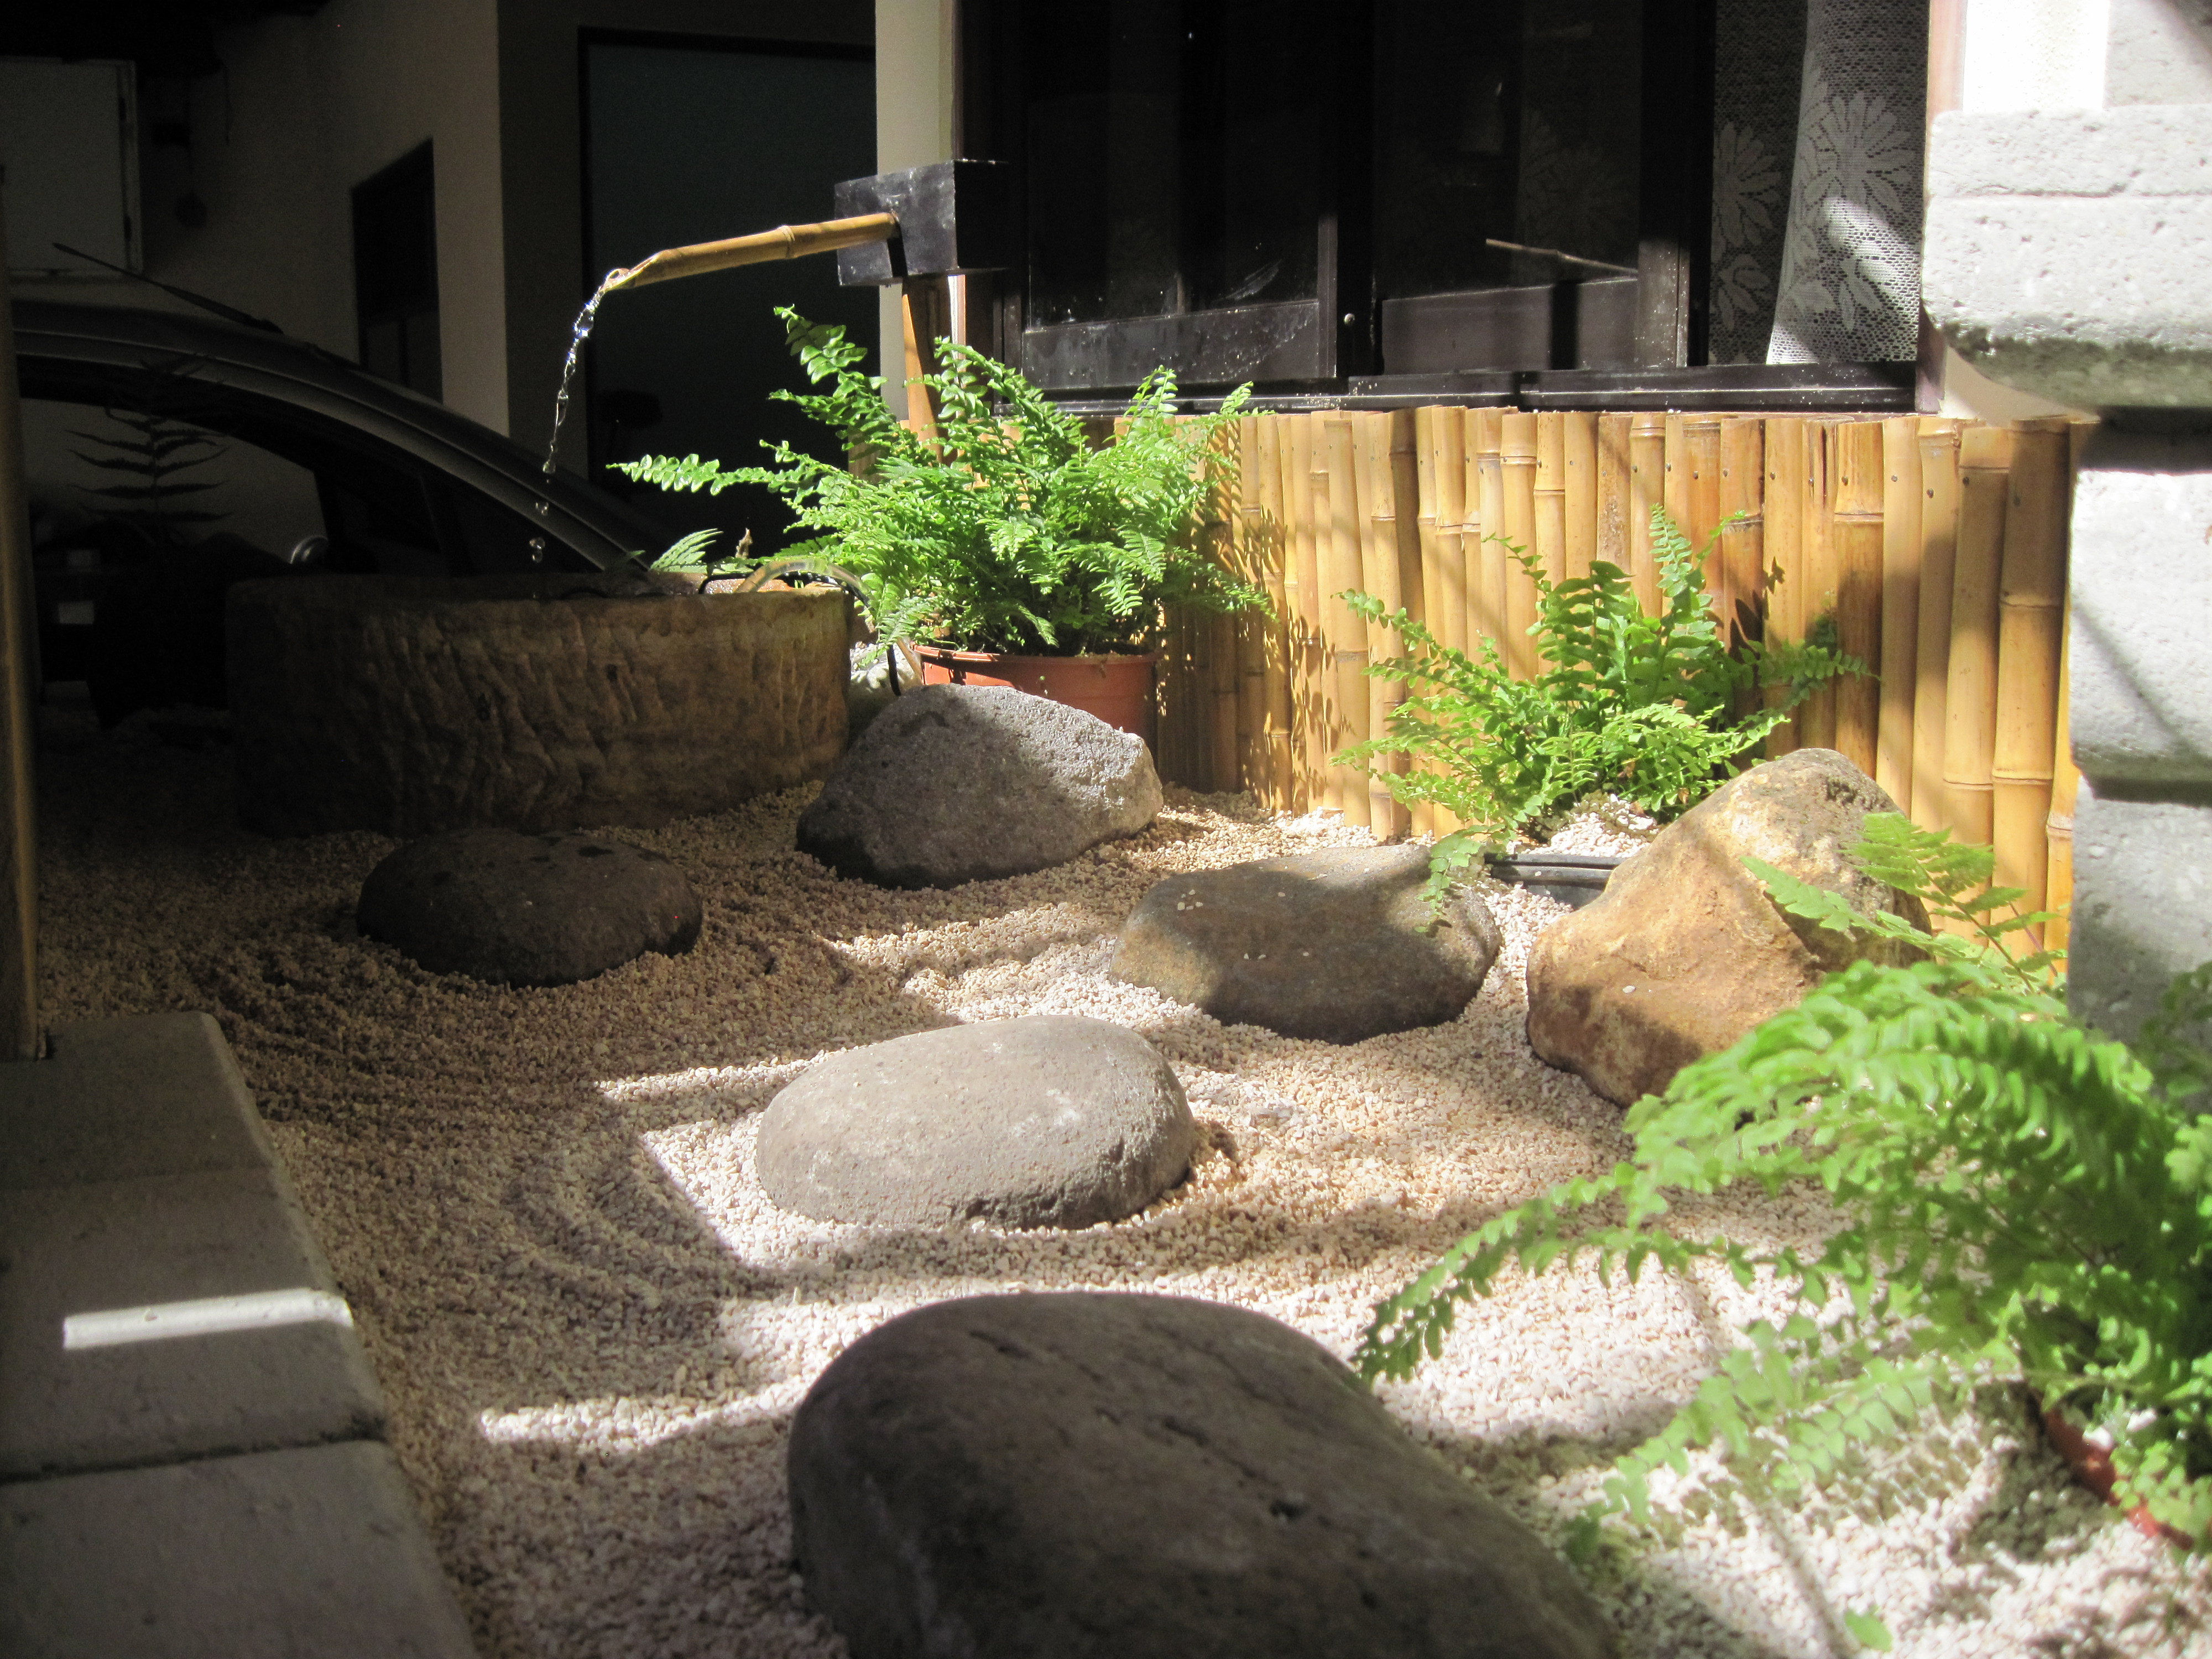 proyecto aream incuye fuente de agua y linterna de piedra